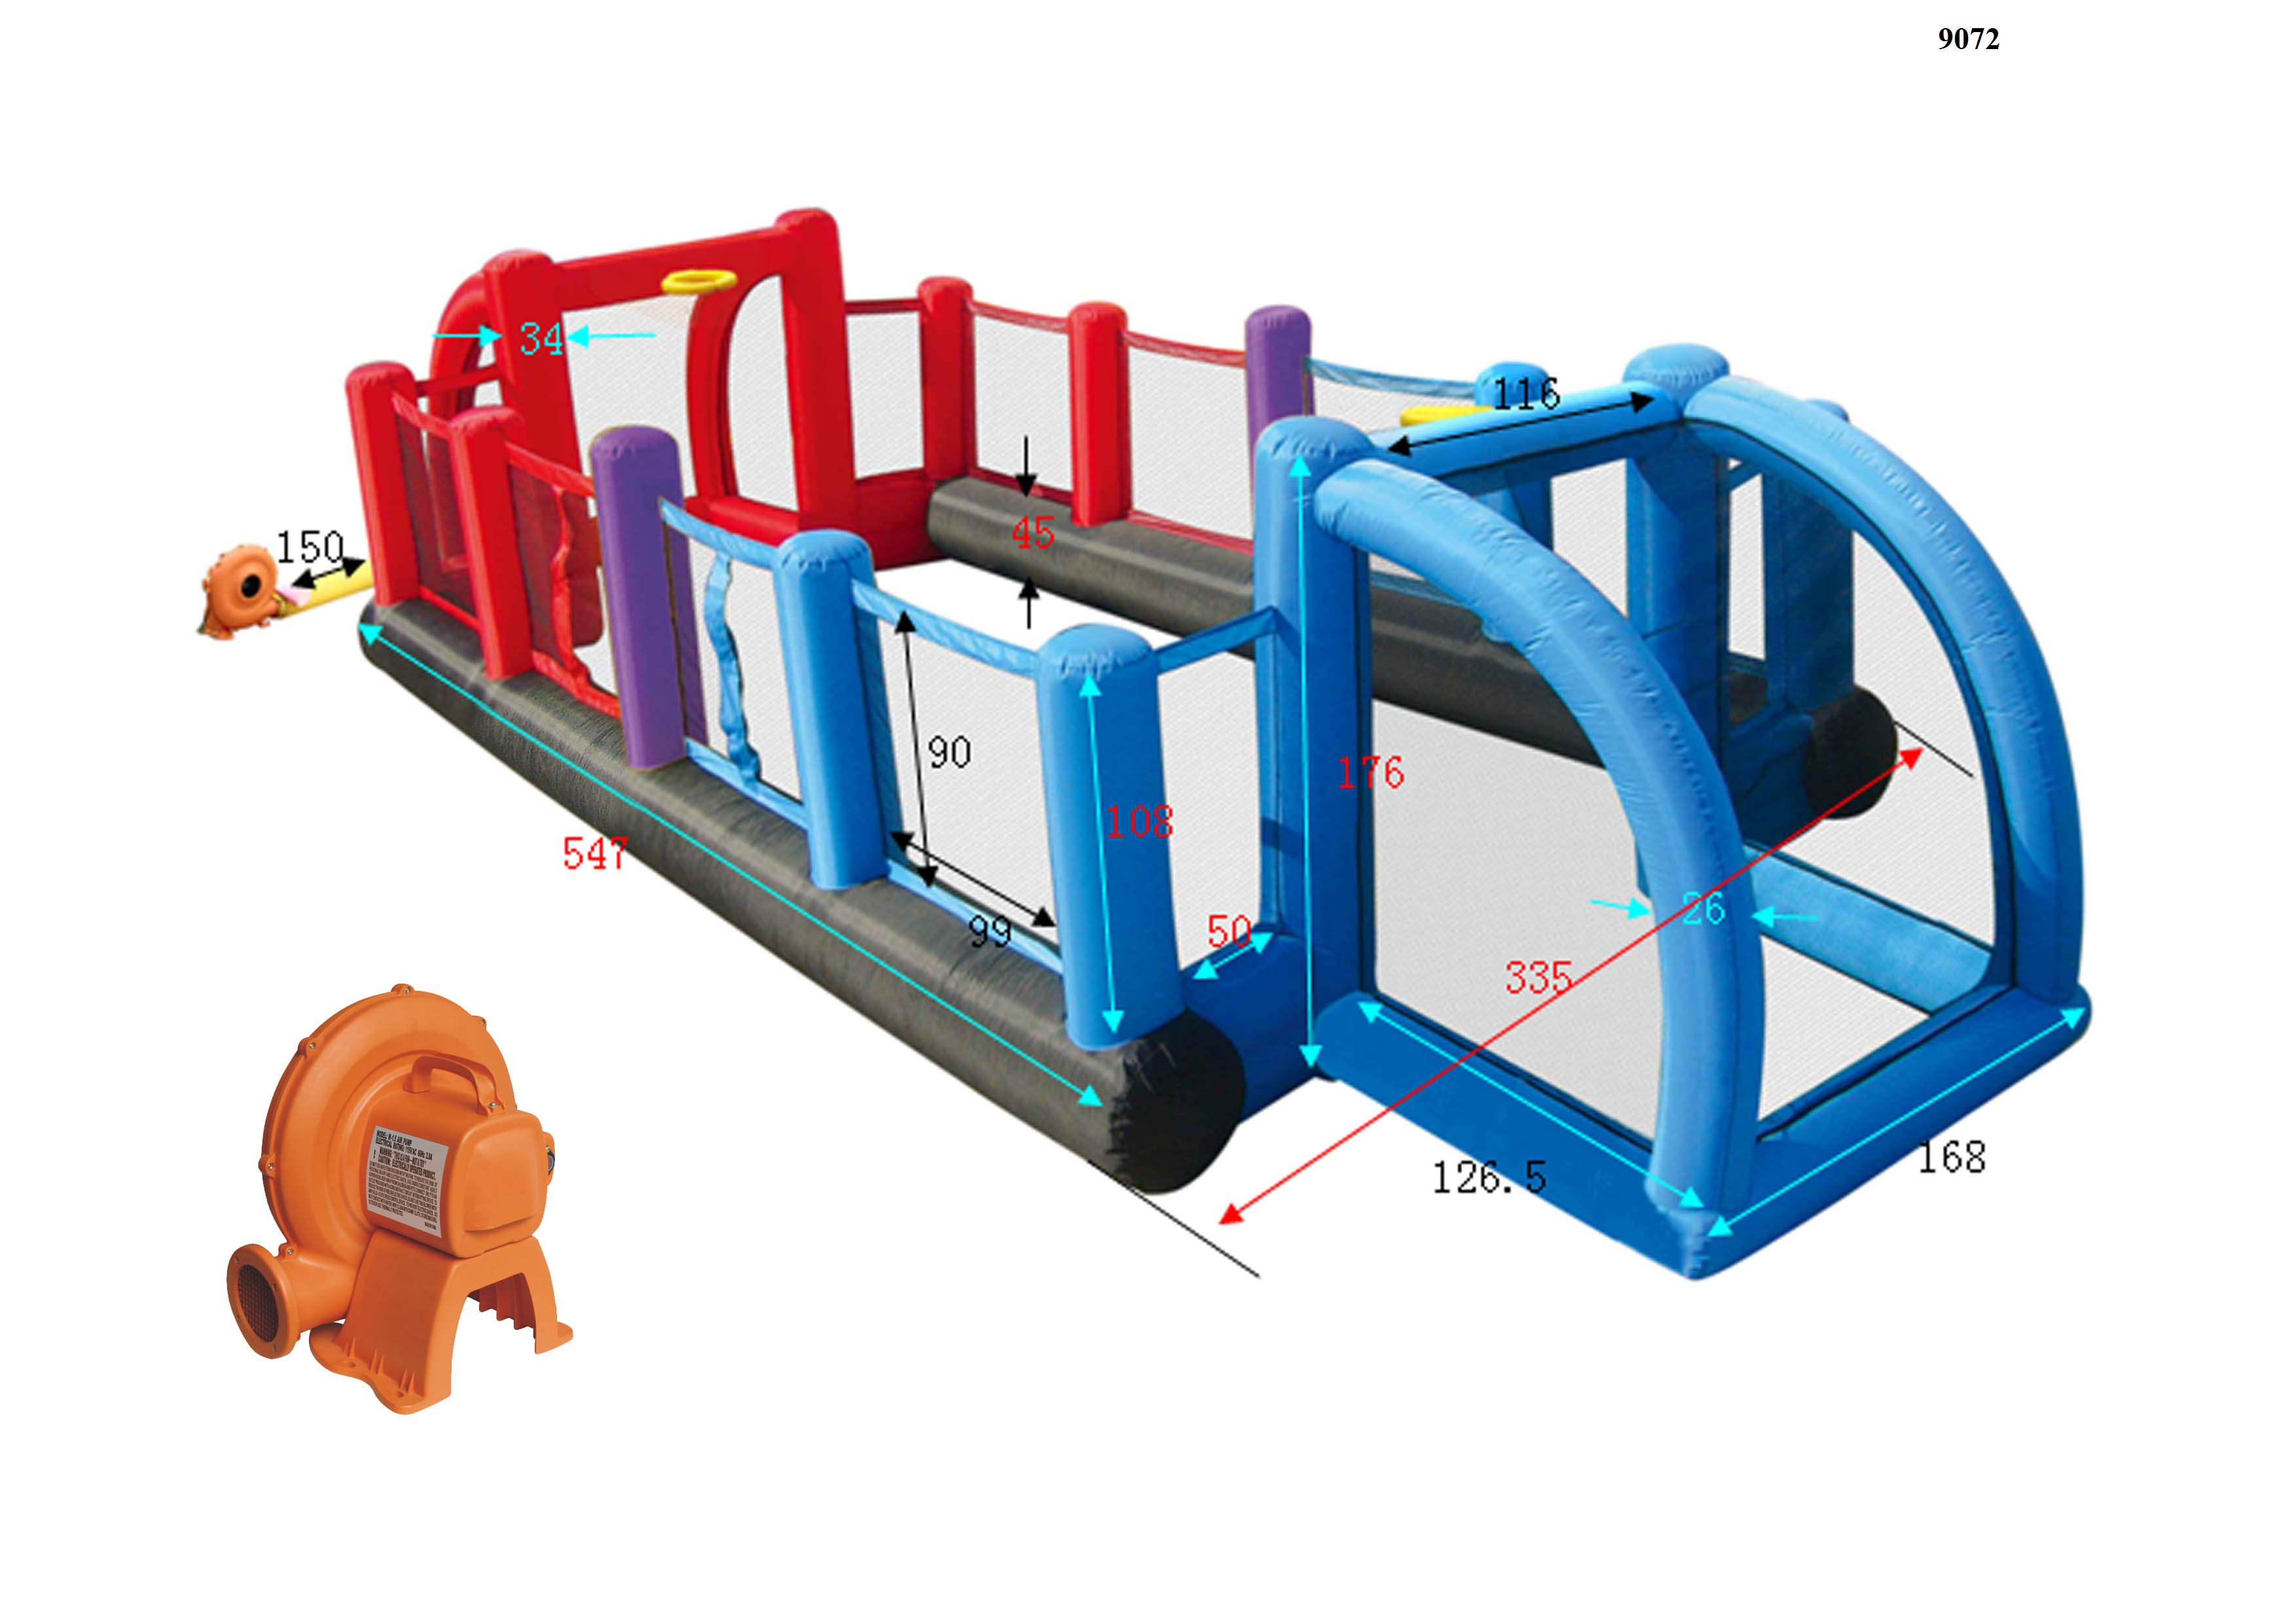 Детский надувной спортивный комплекс HAPPY HOP 9072N